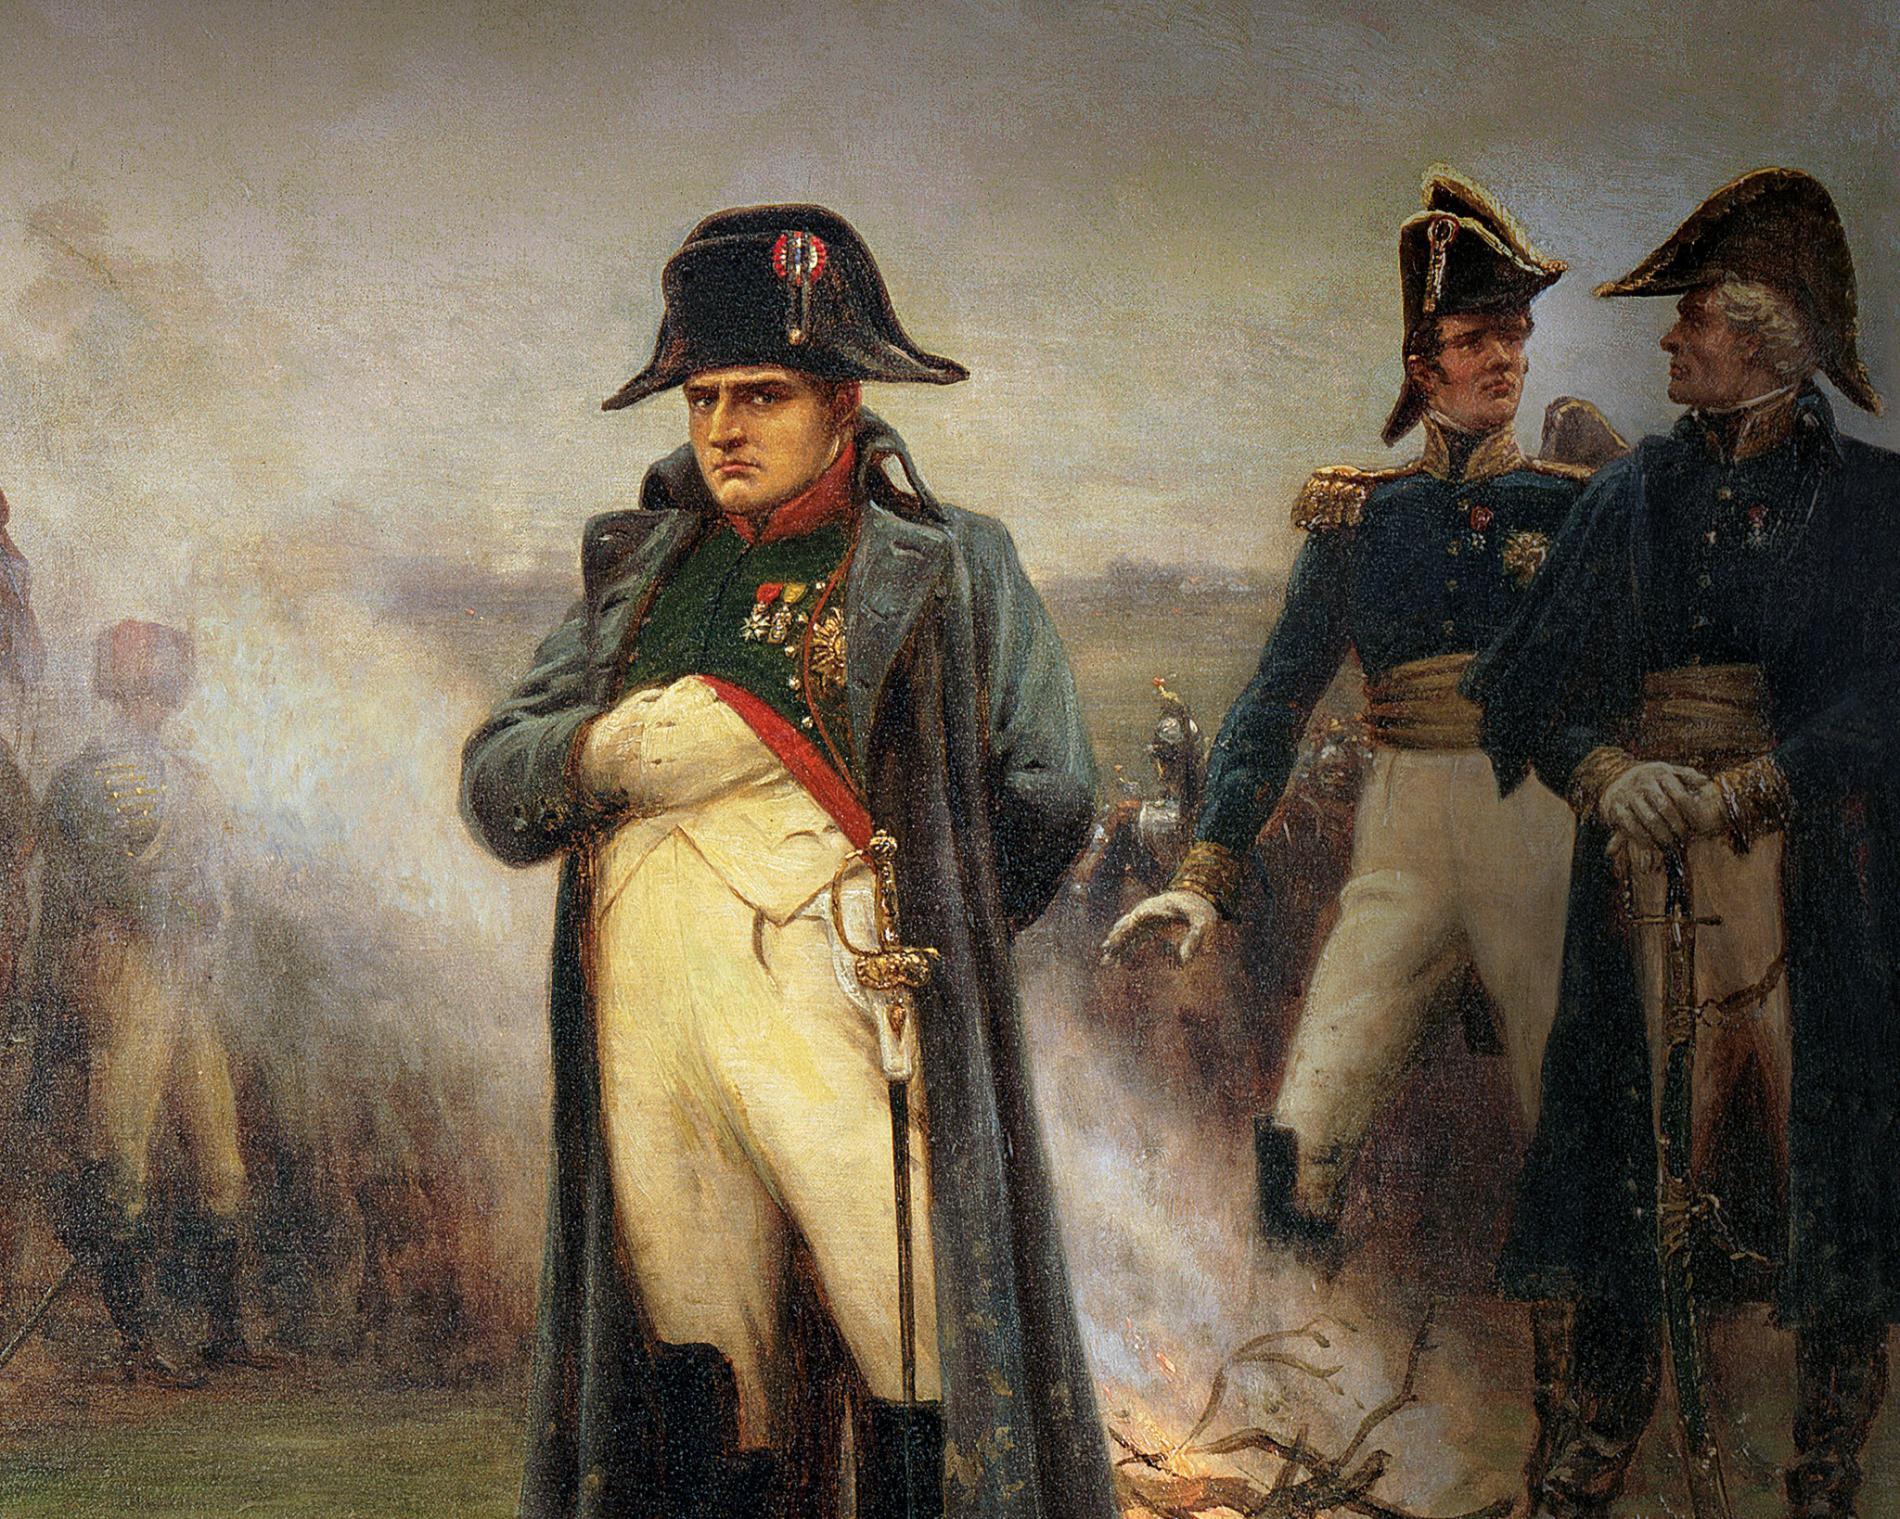 قرنان بعد نابليون.. كيف تنتقي فرنسا تاريخاً خالياً من العبودية والاستعمار؟